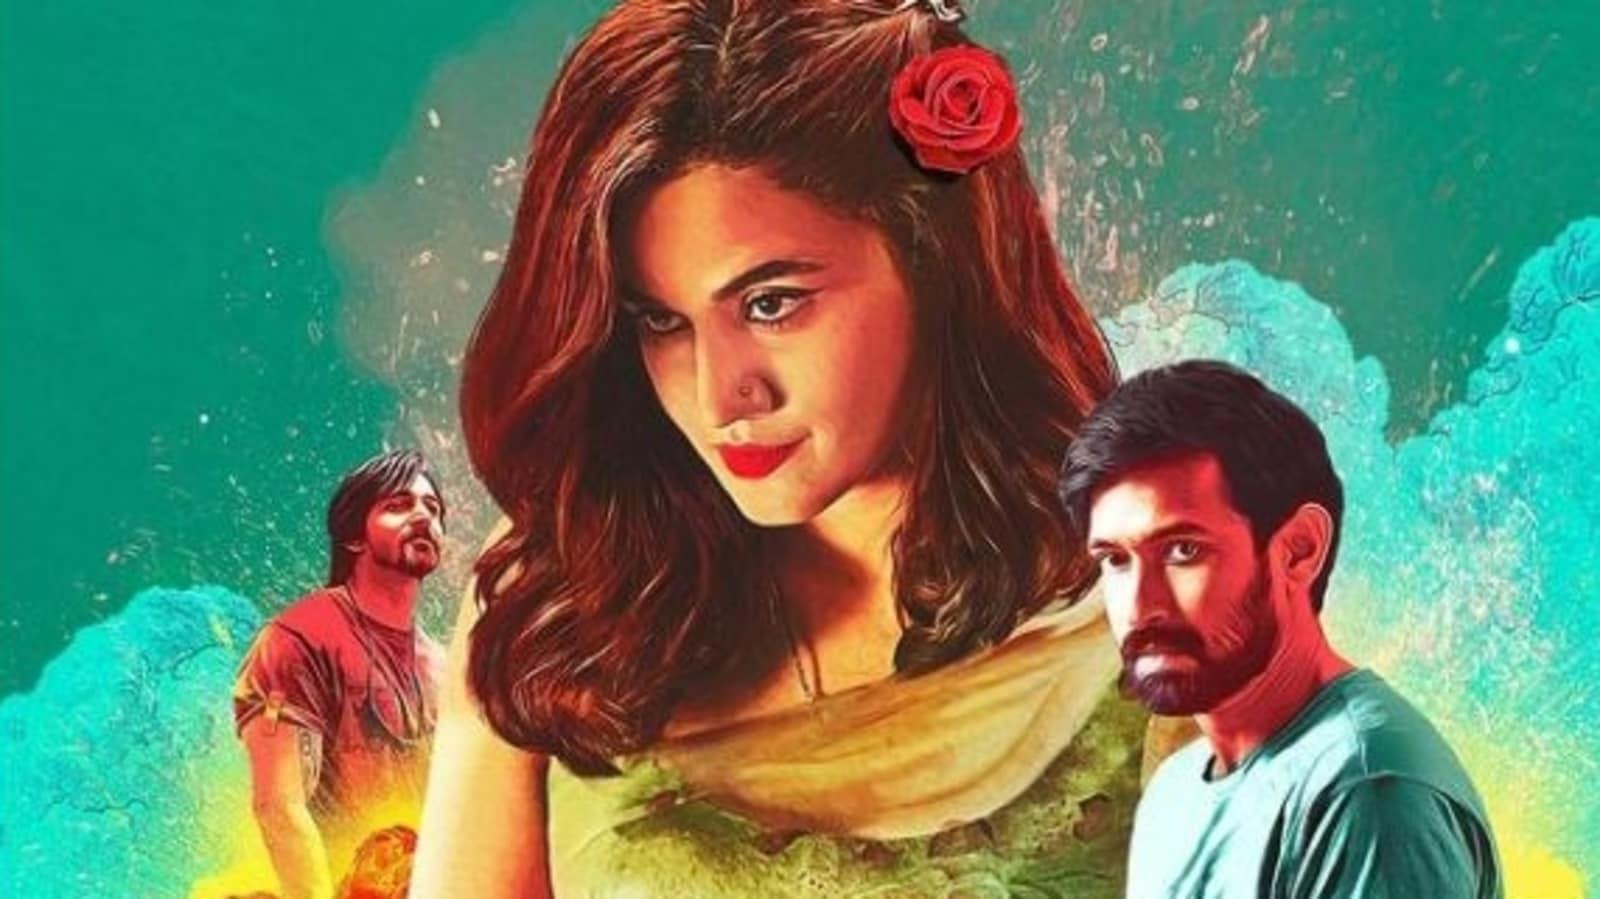 Review: Haseen Dilruba